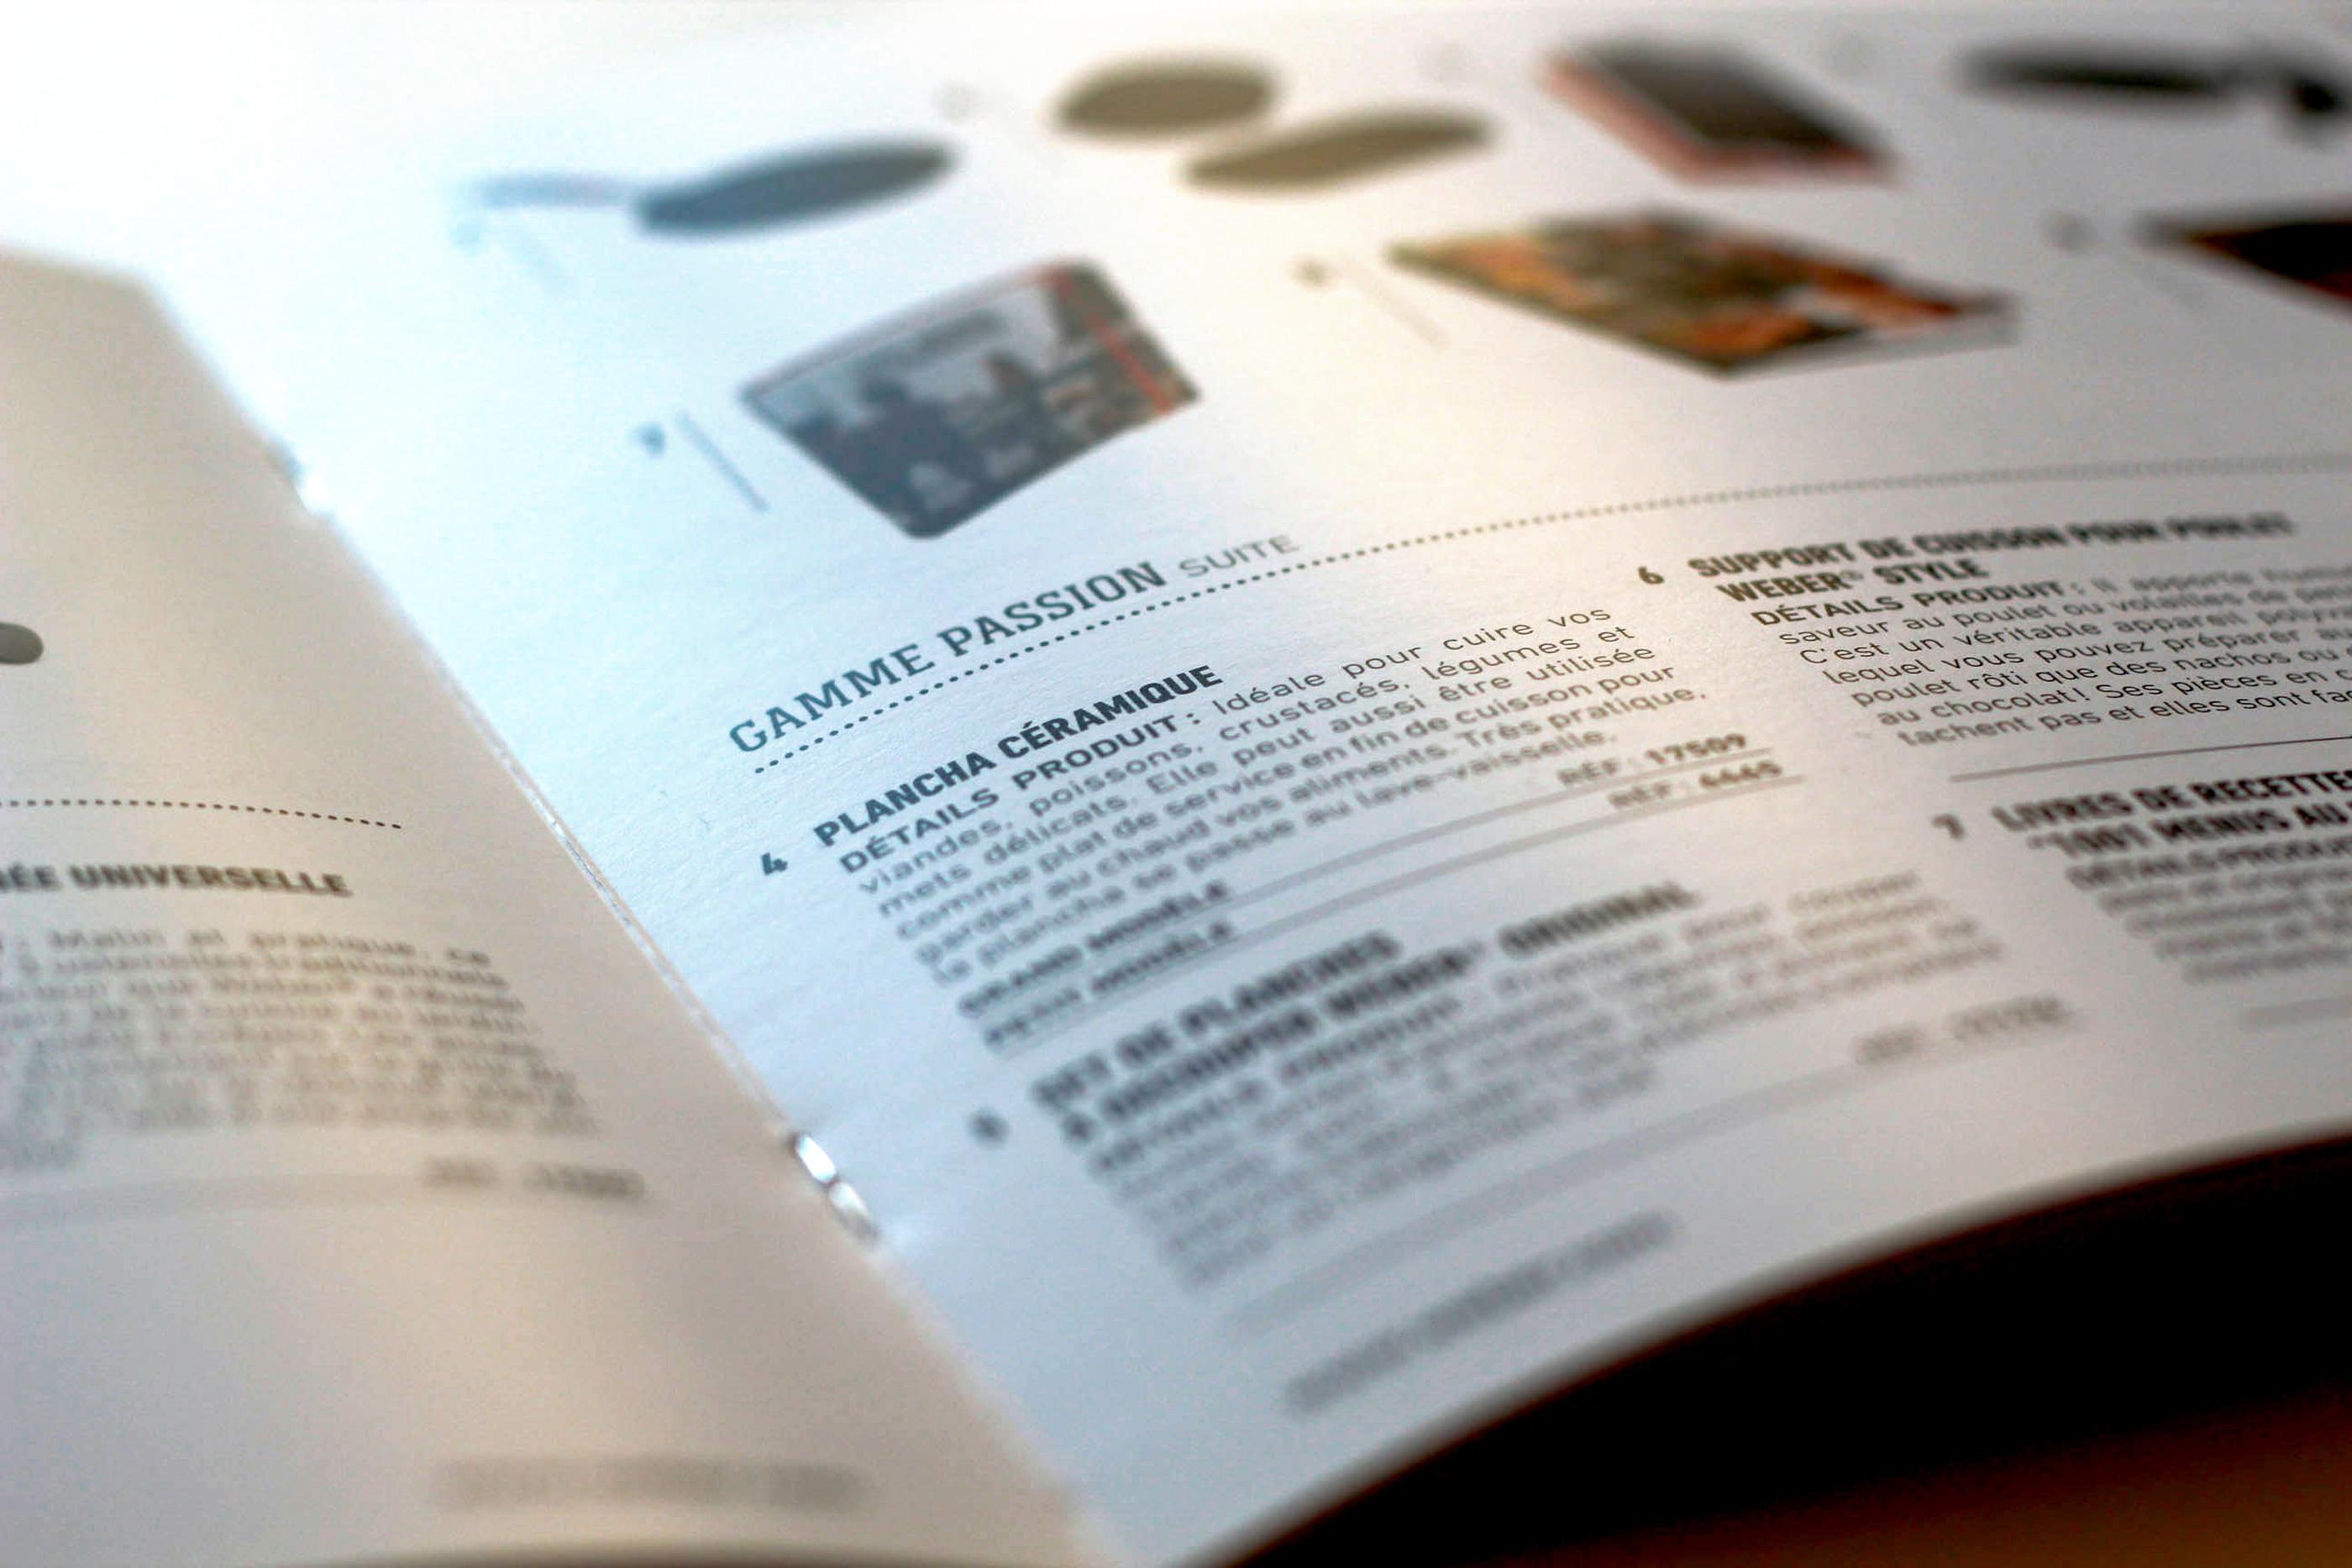 Weber détail impression catalogue produits barbecue